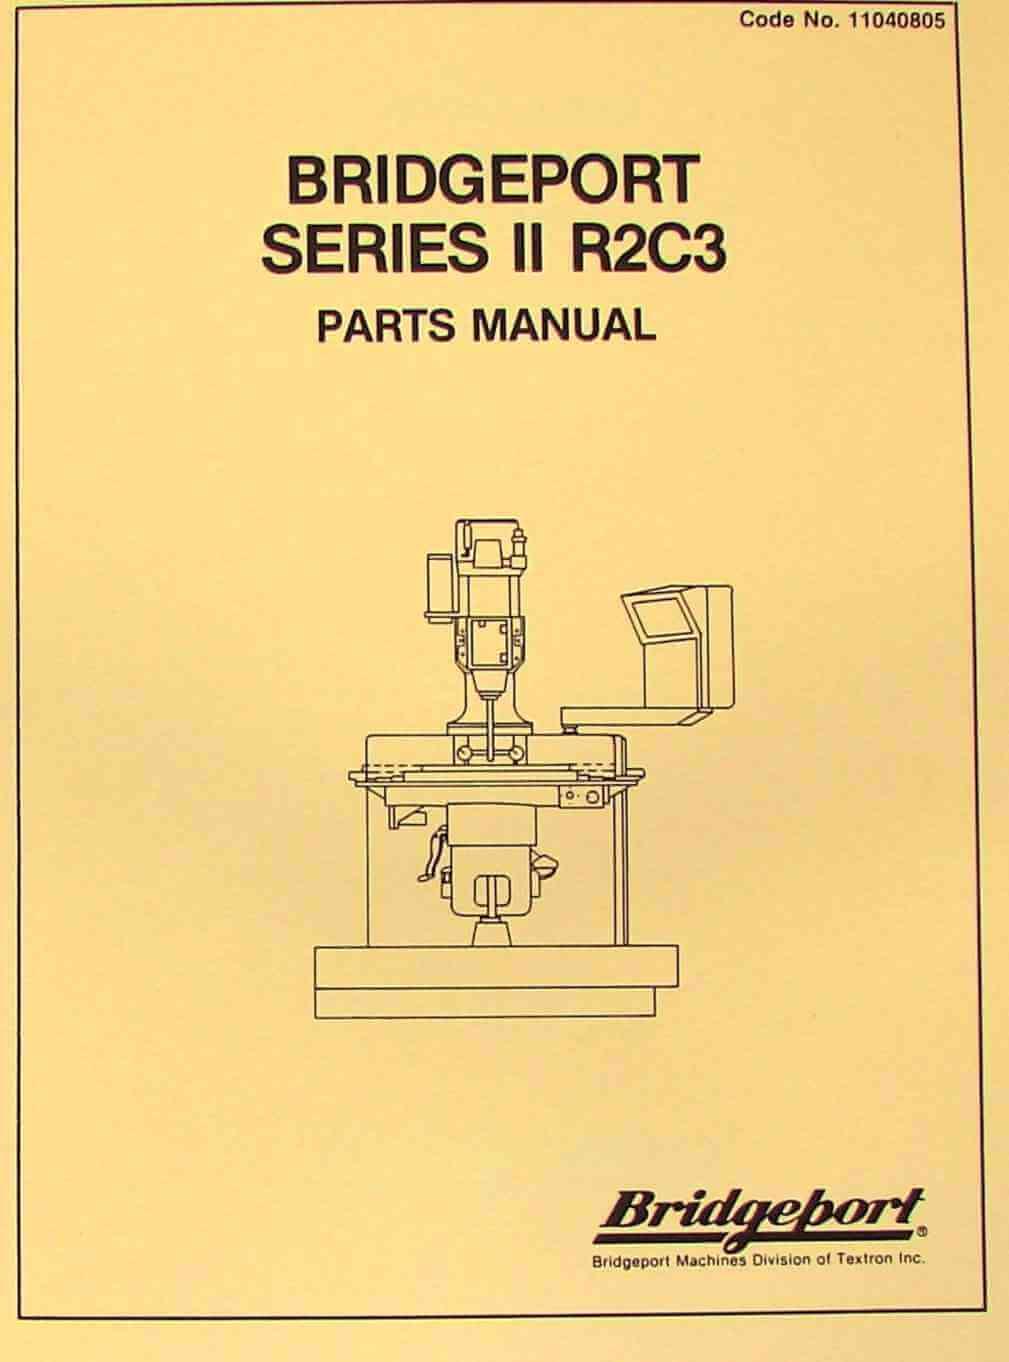 ps2 controller parts list pdf